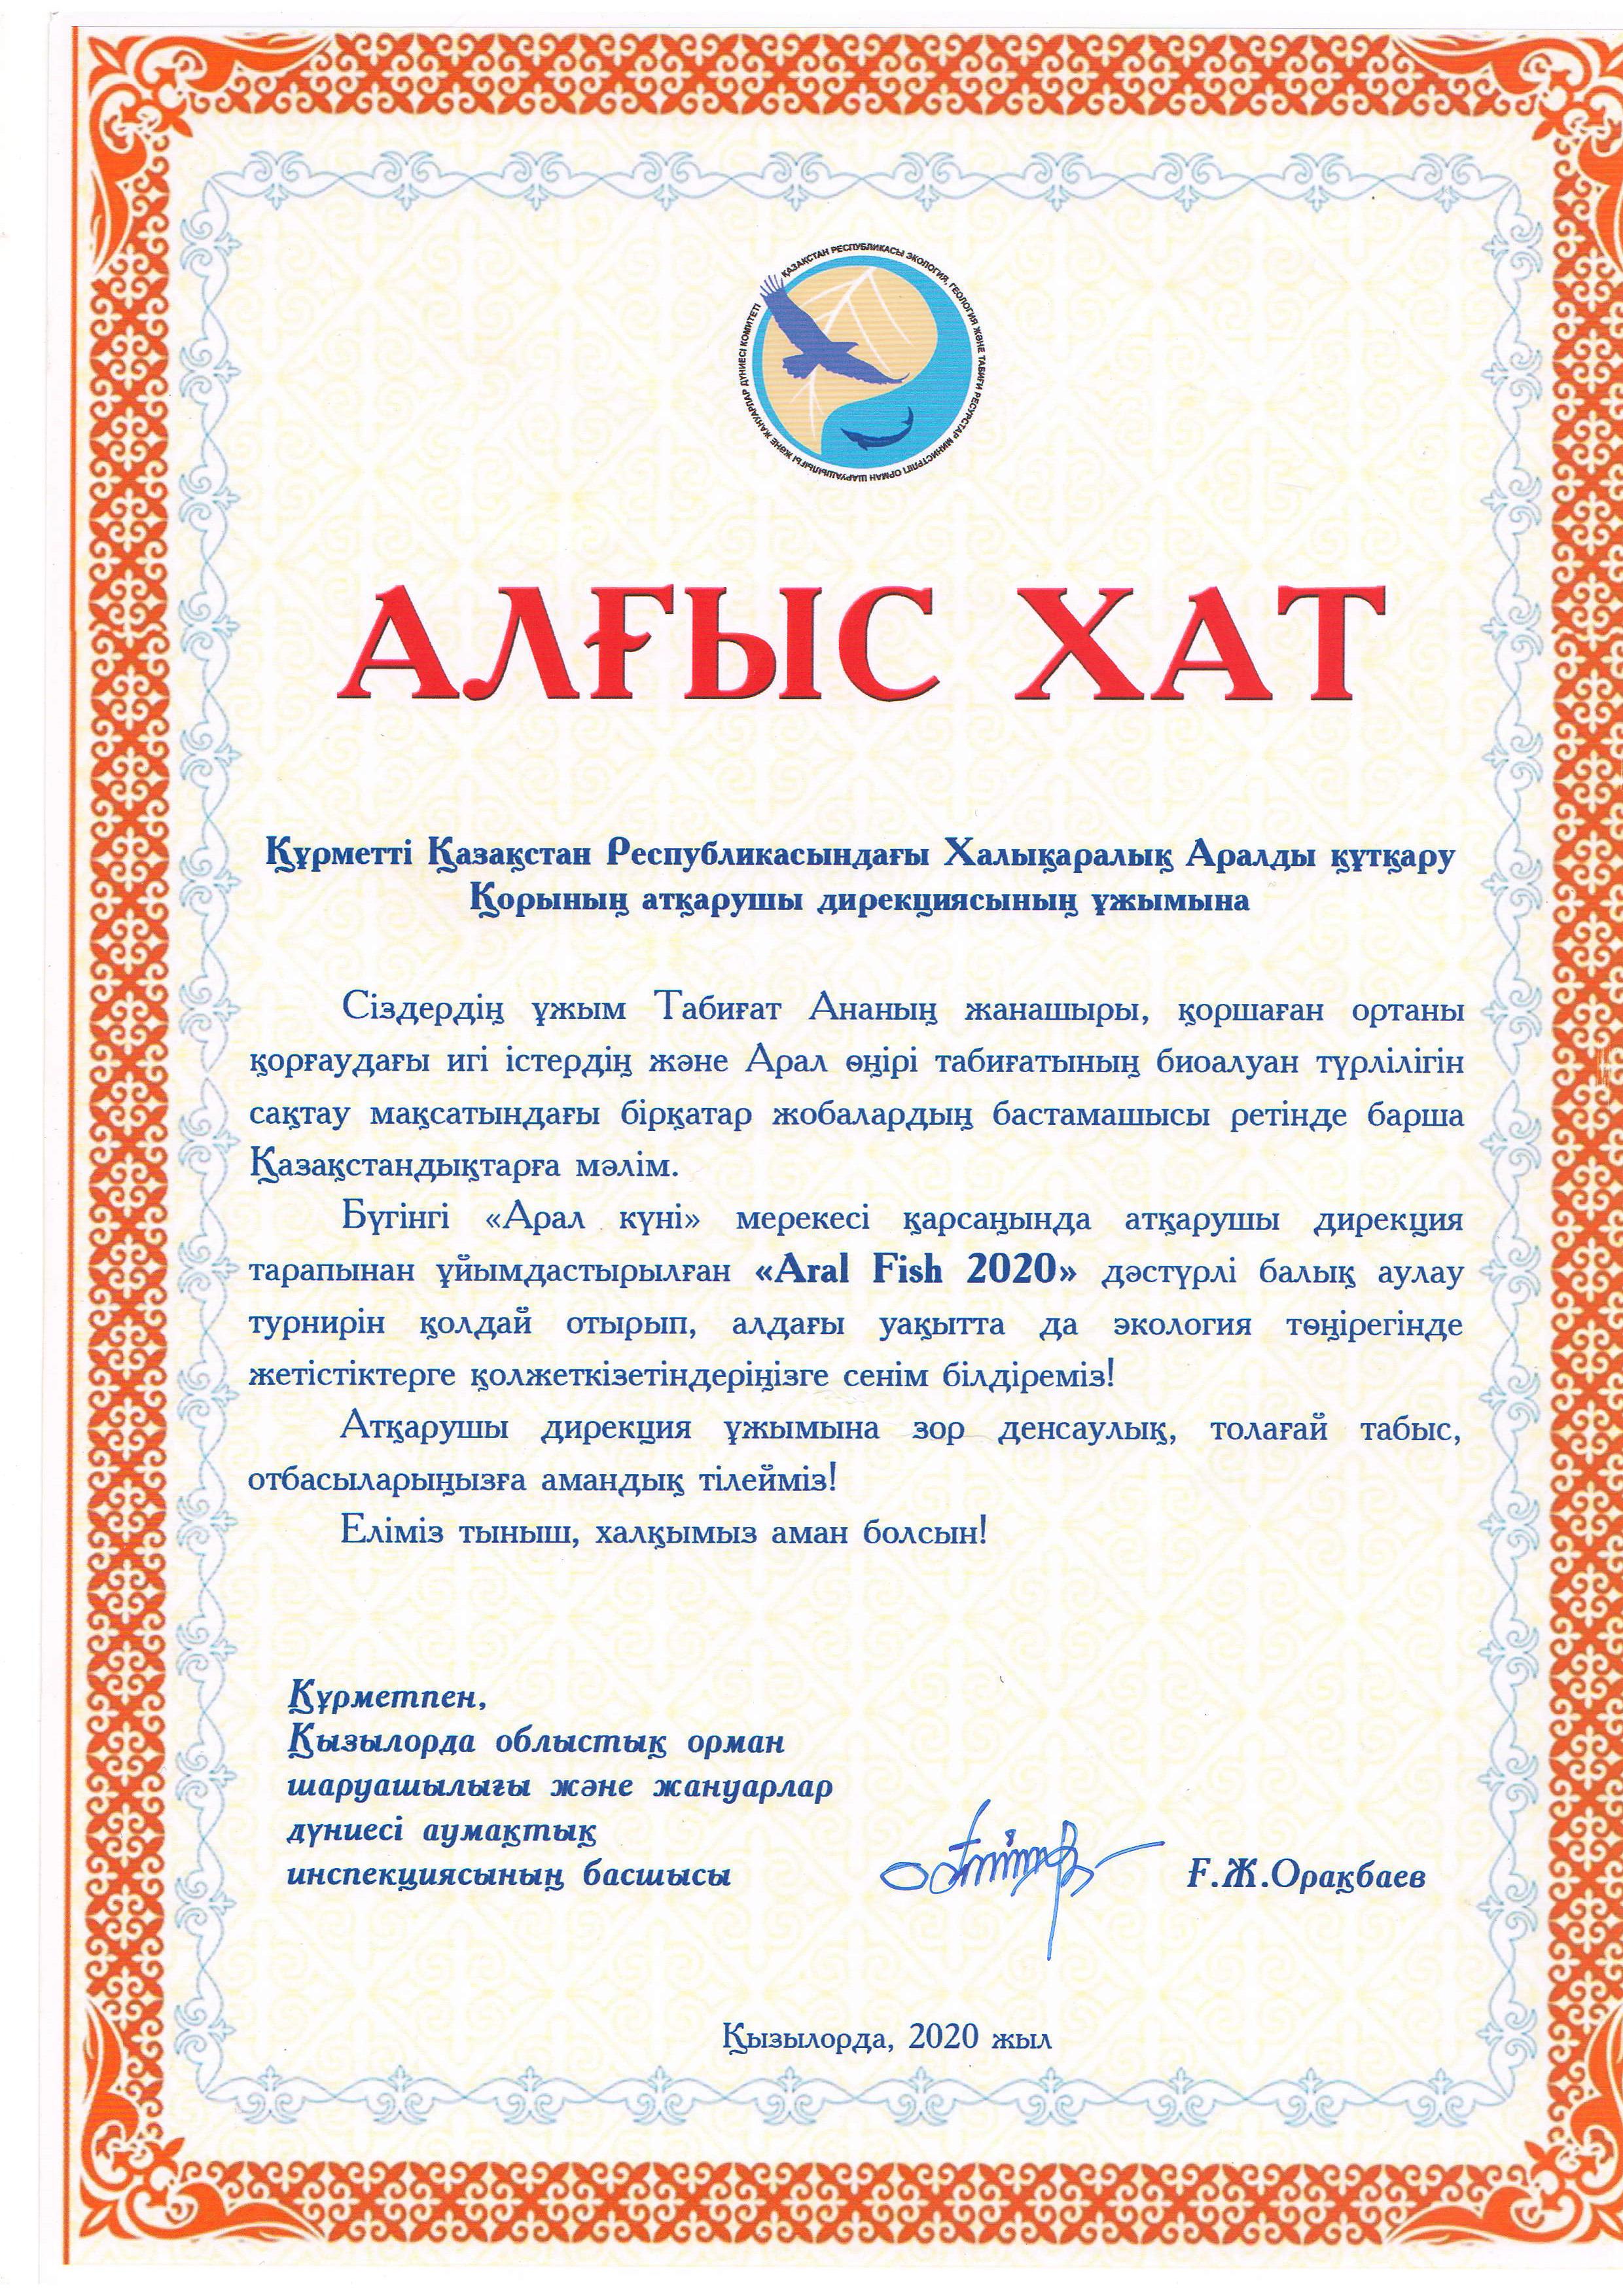 БП от КО территориальнай инспекции ЛХЖМ